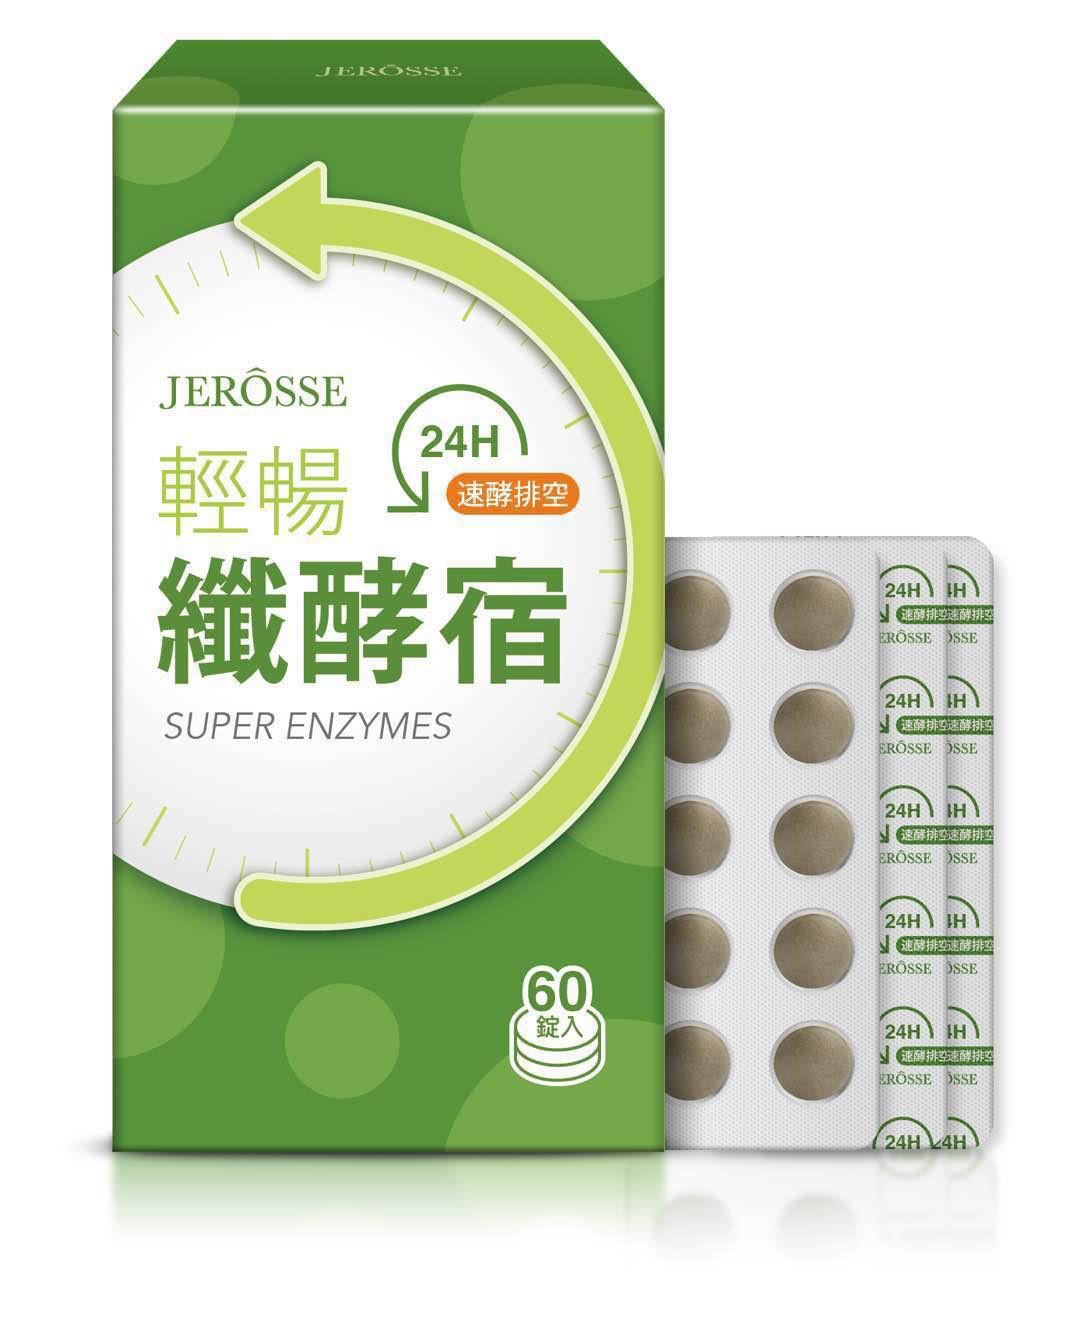 【貨到付款+滿3千數回饋11~23%】JEROSSE 婕樂纖  纖酵宿 纖酵素 分期0利率 0